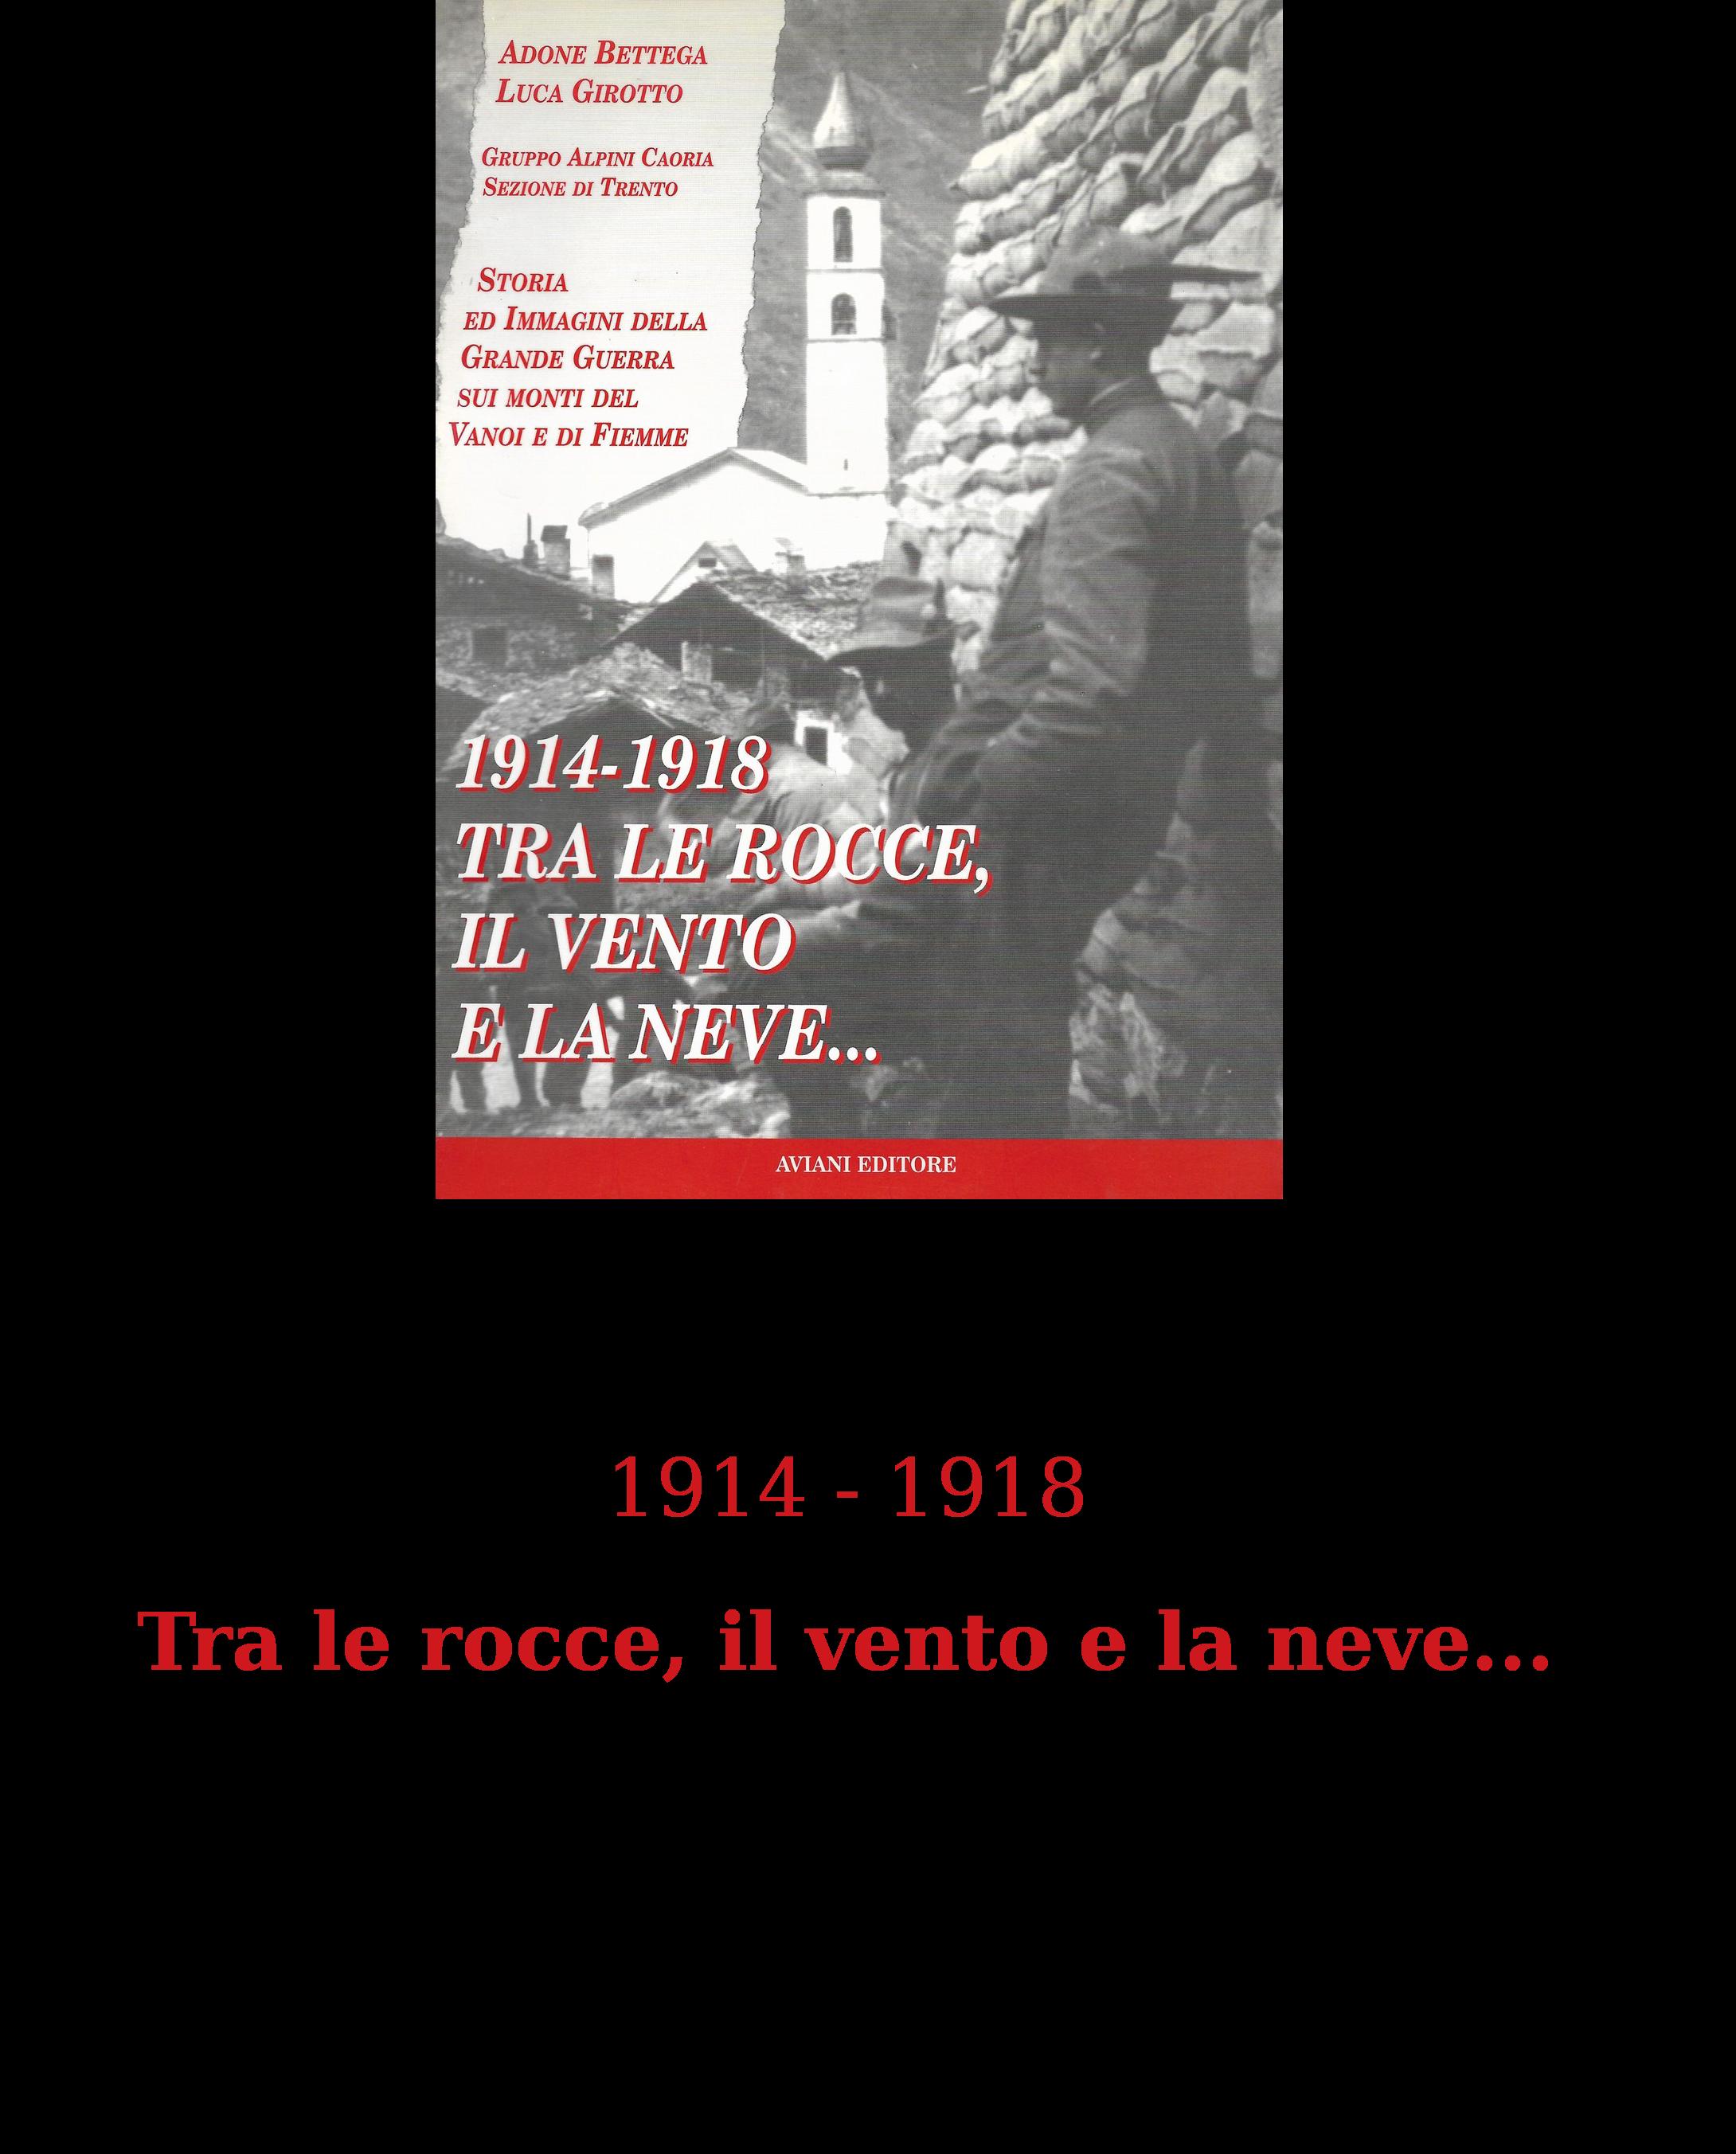 1914 - 1918 Tra le rocce, il vento e la neve...[15801]